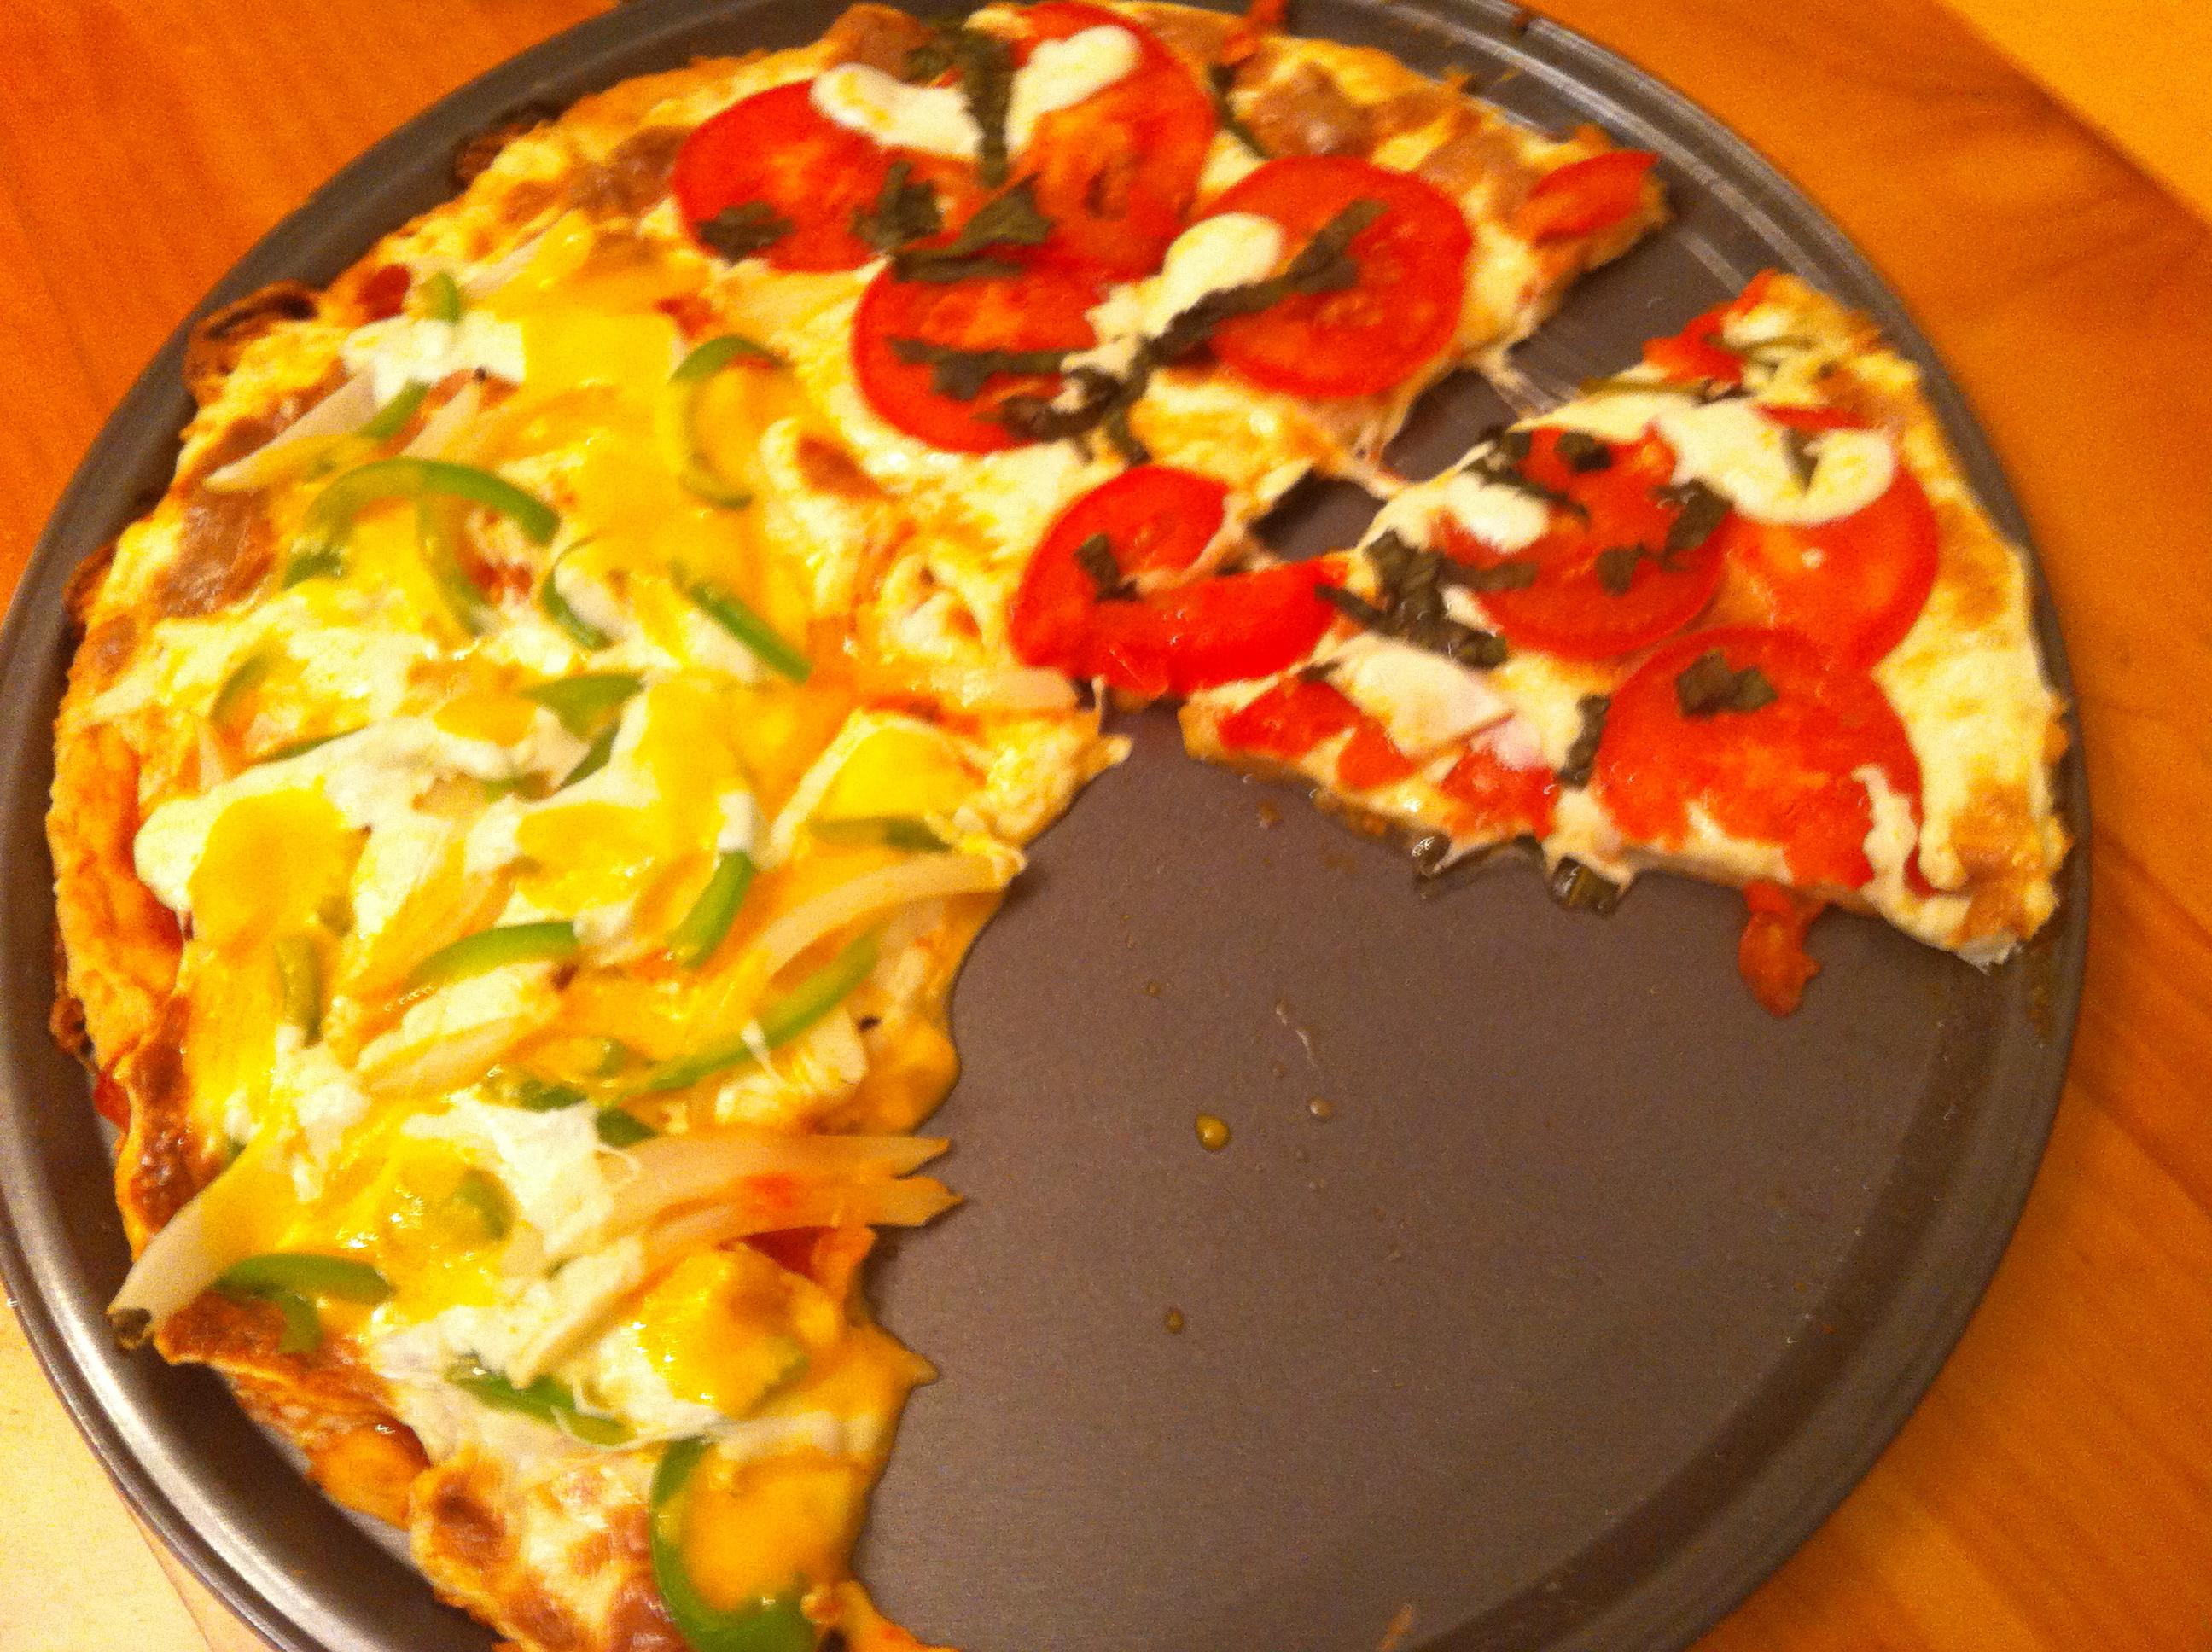 Super easy Homemade Pizza by Aurora Meyer on aurorameyer.com